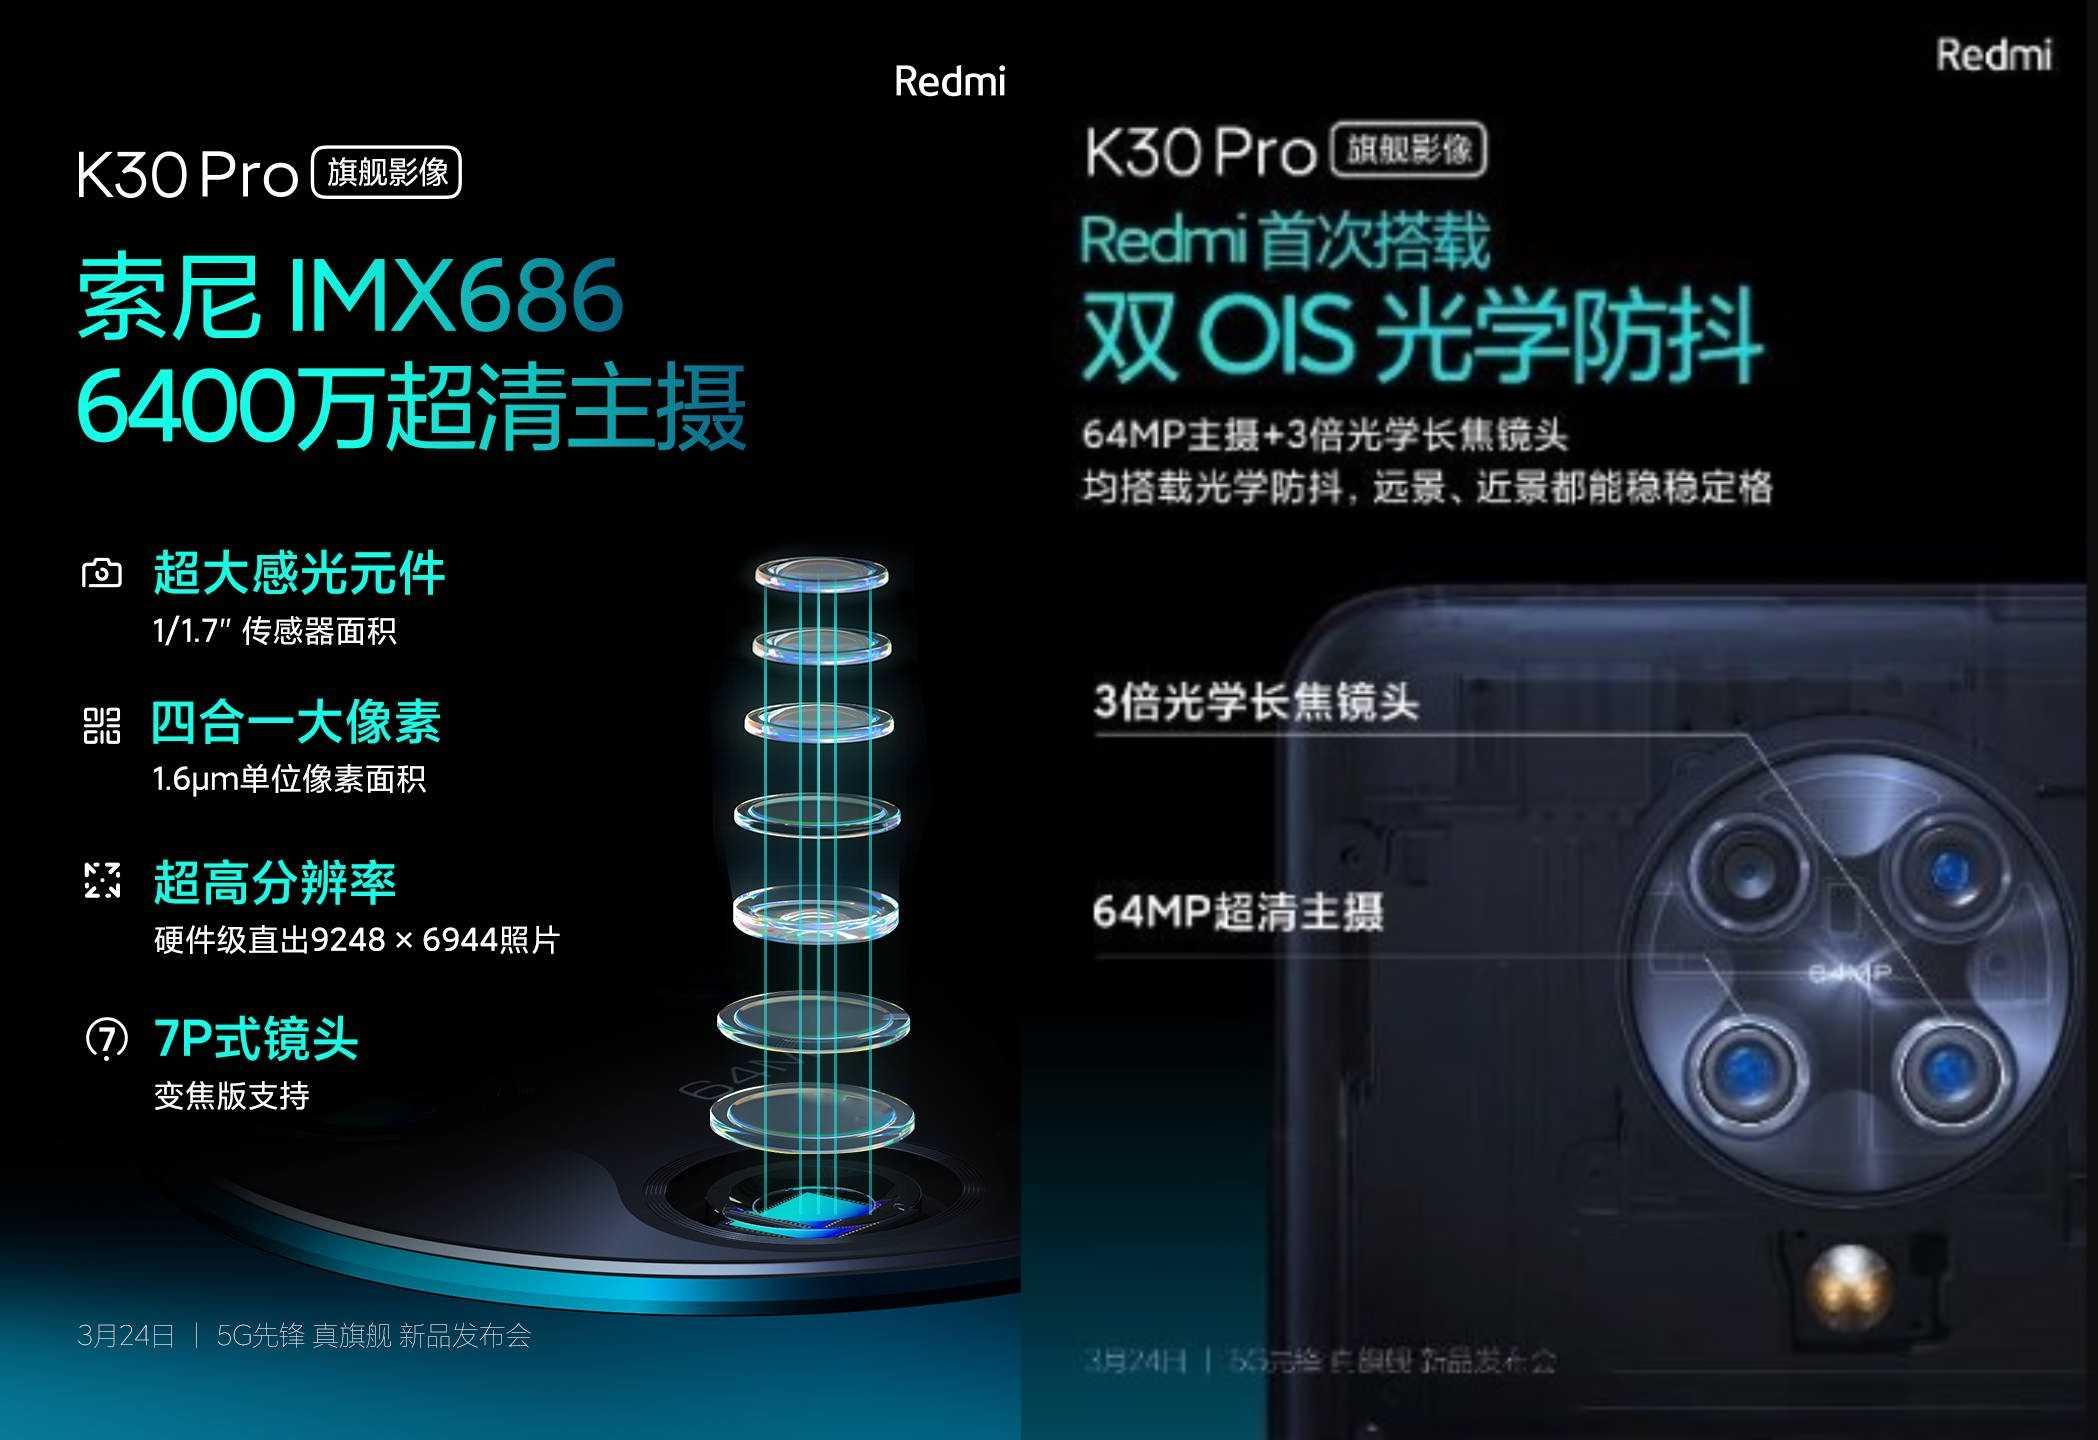 Обзор версии redmi k30 pro zoom, полный экран спереди, флагманский набор камер сзади